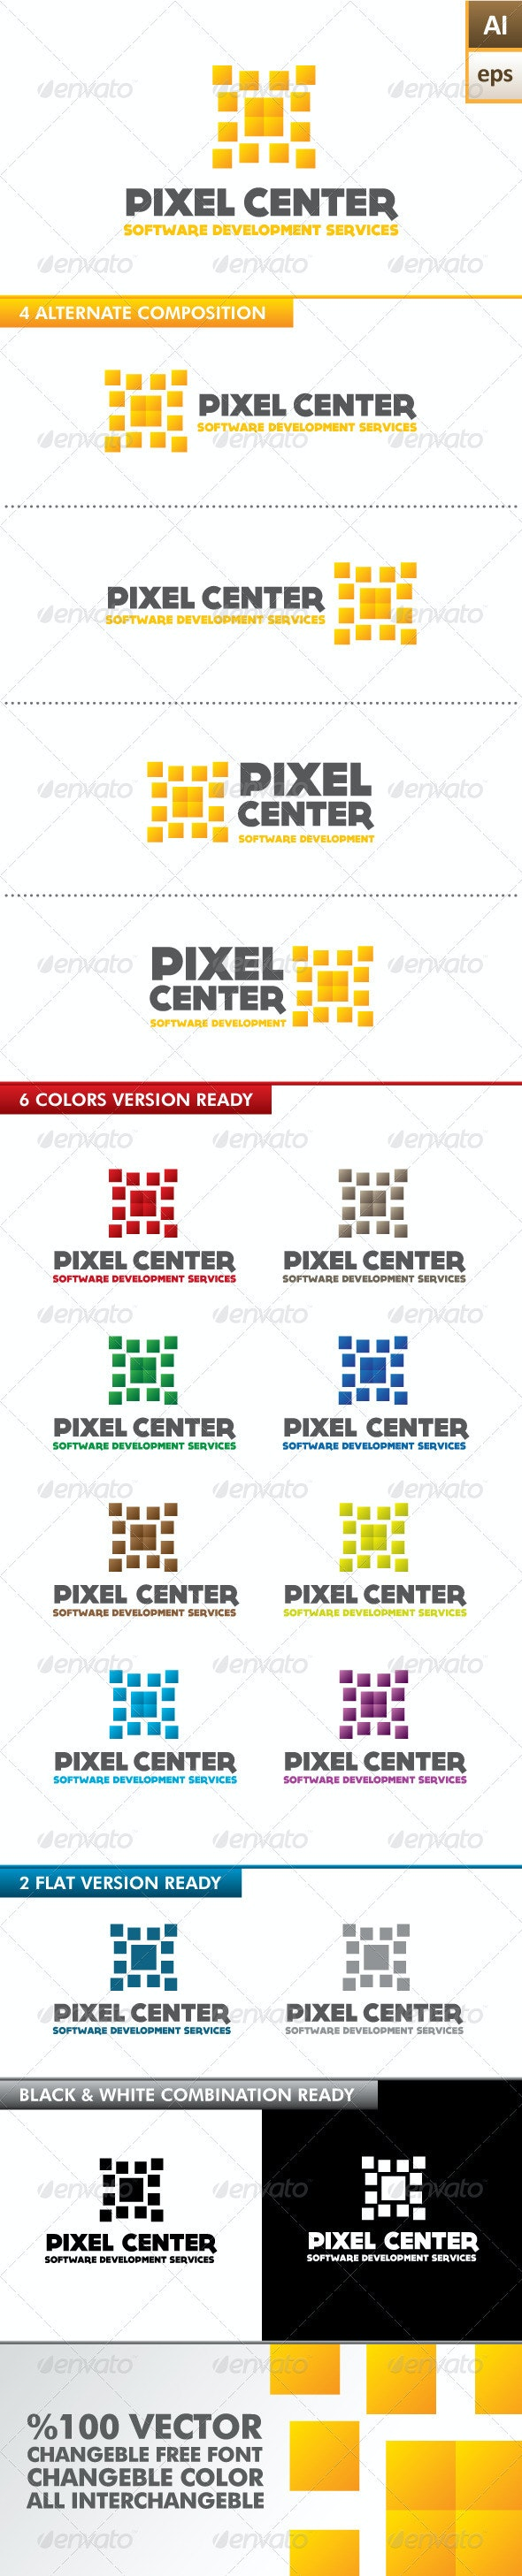 Pixel Center Logo - Abstract Logo Templates